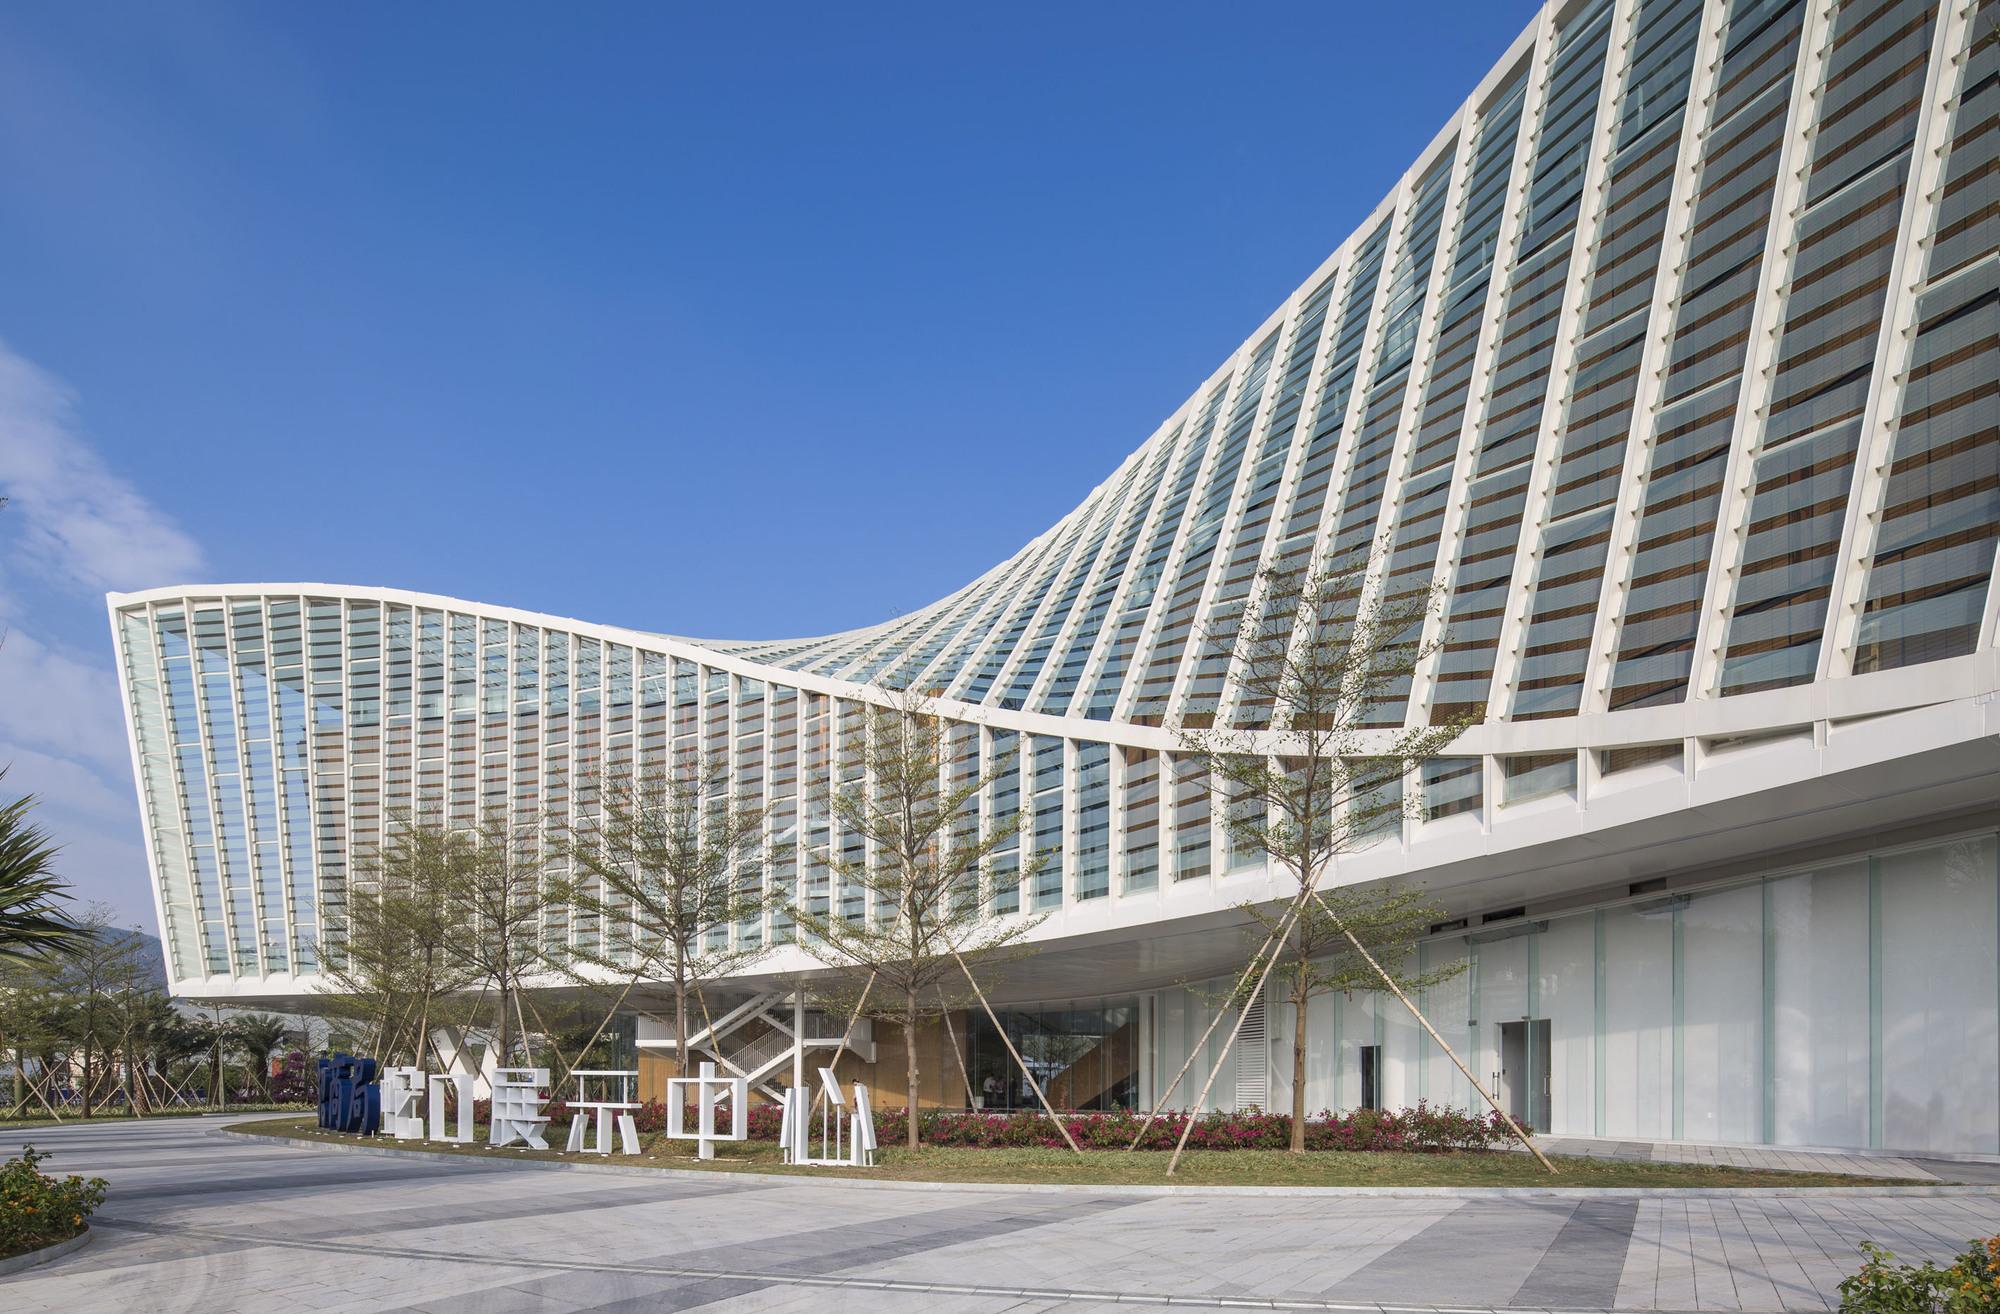 Gallery Of Prince Bay Marketing Exhibition Centre Aecom 15